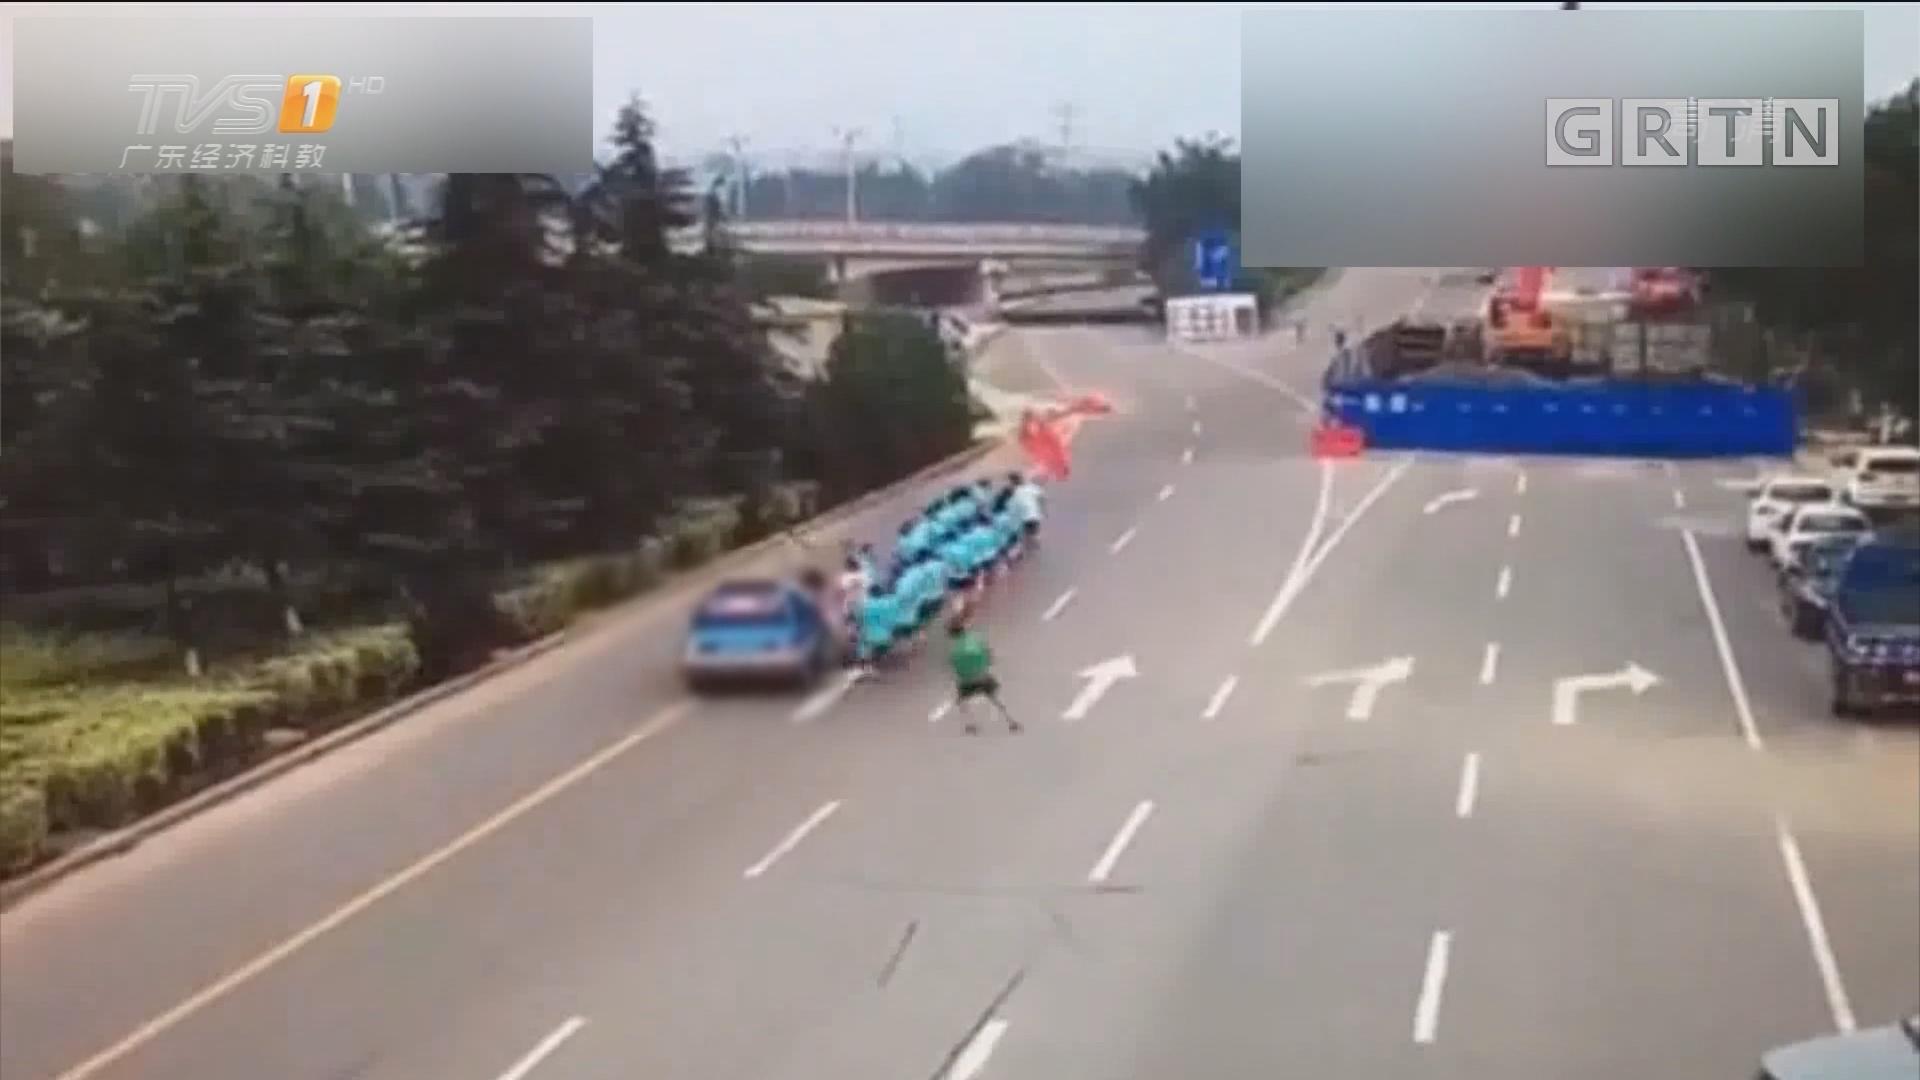 山东临沂:女司机开车冲进晨跑队 一死两伤